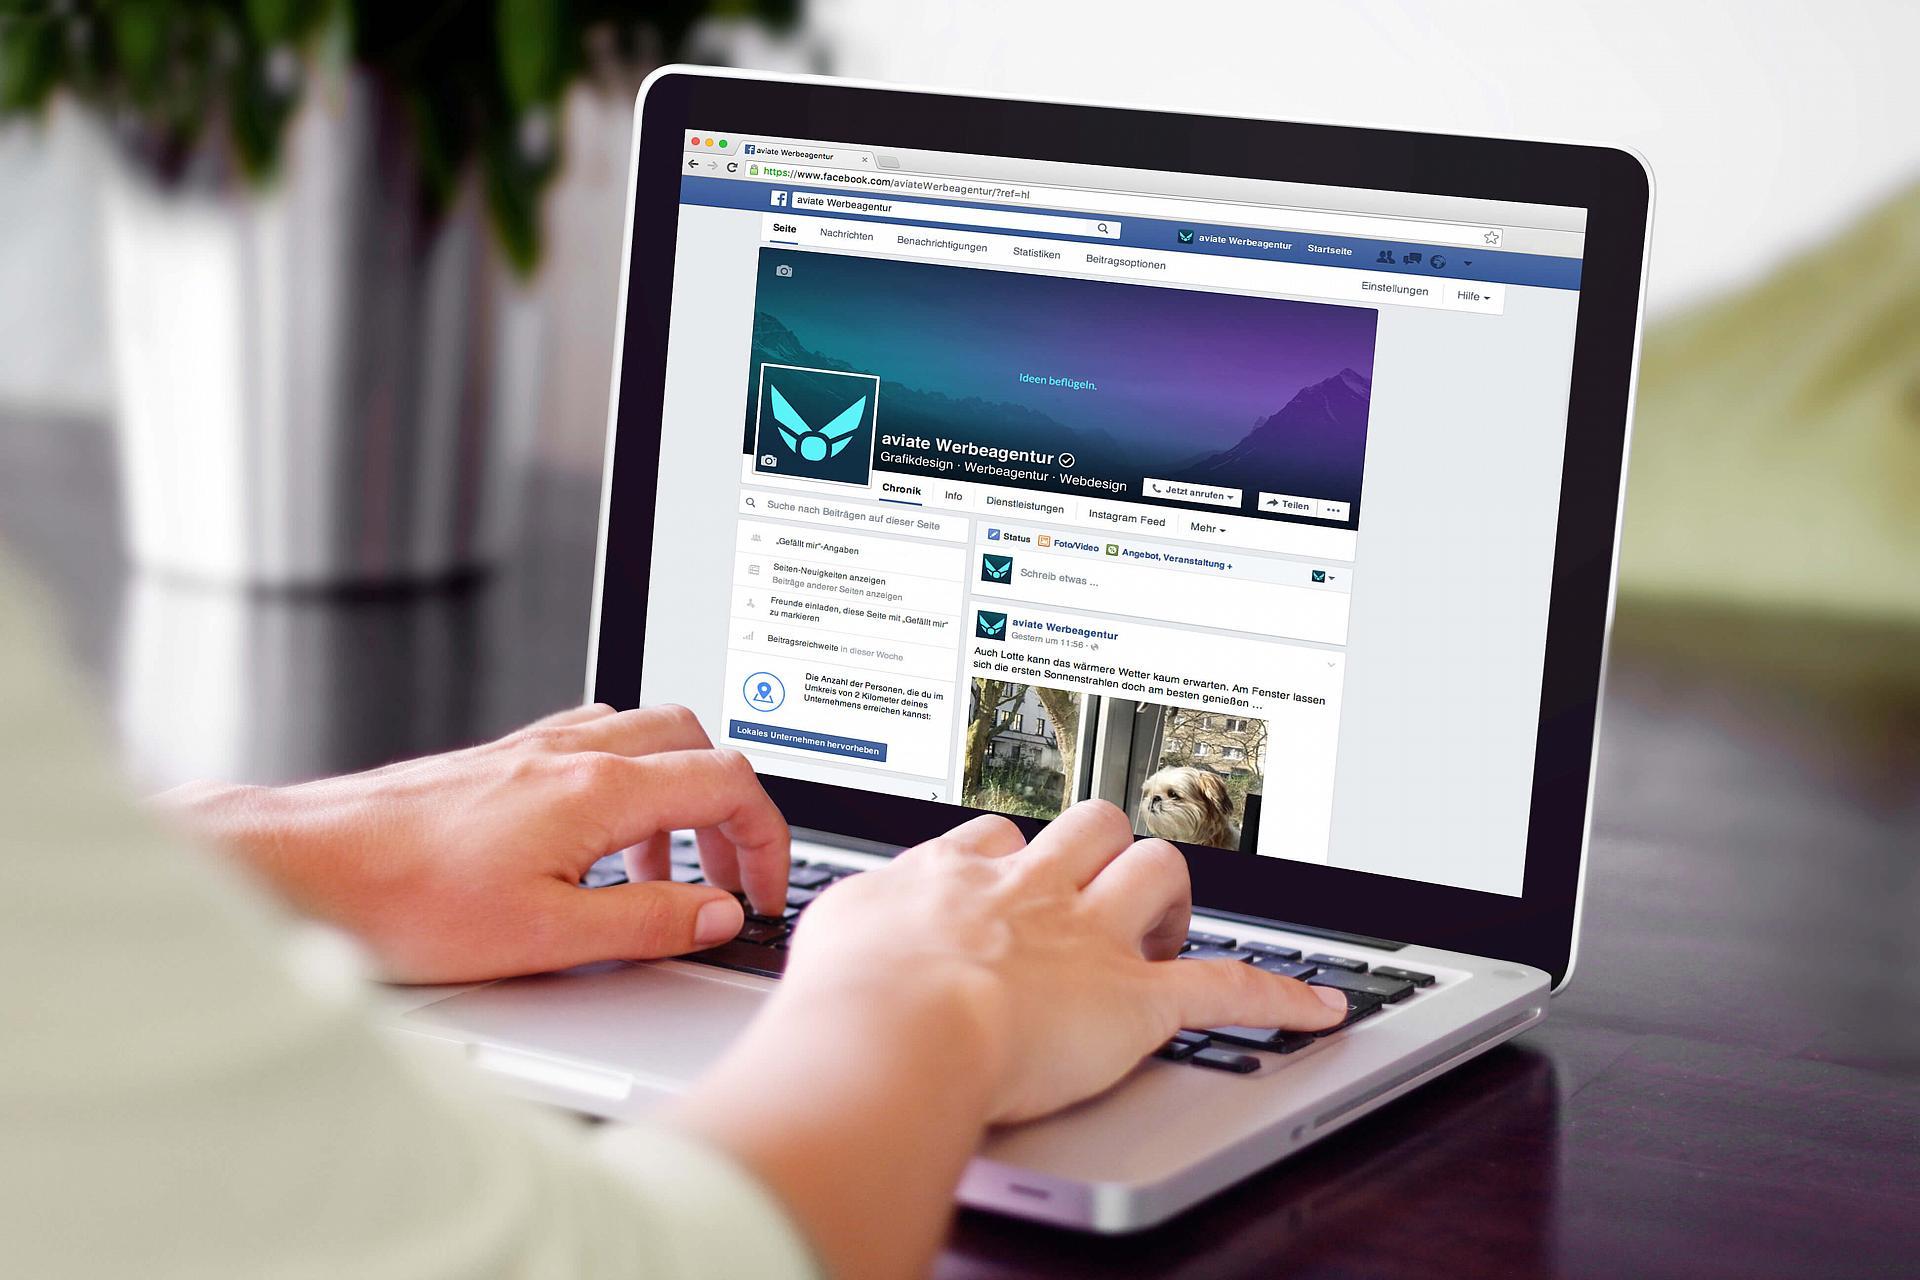 facebook-essen-bildgroesse-aviate-werbeagentur-social-media-profil-titelbild-masse-format-bannerbild-bildschirm